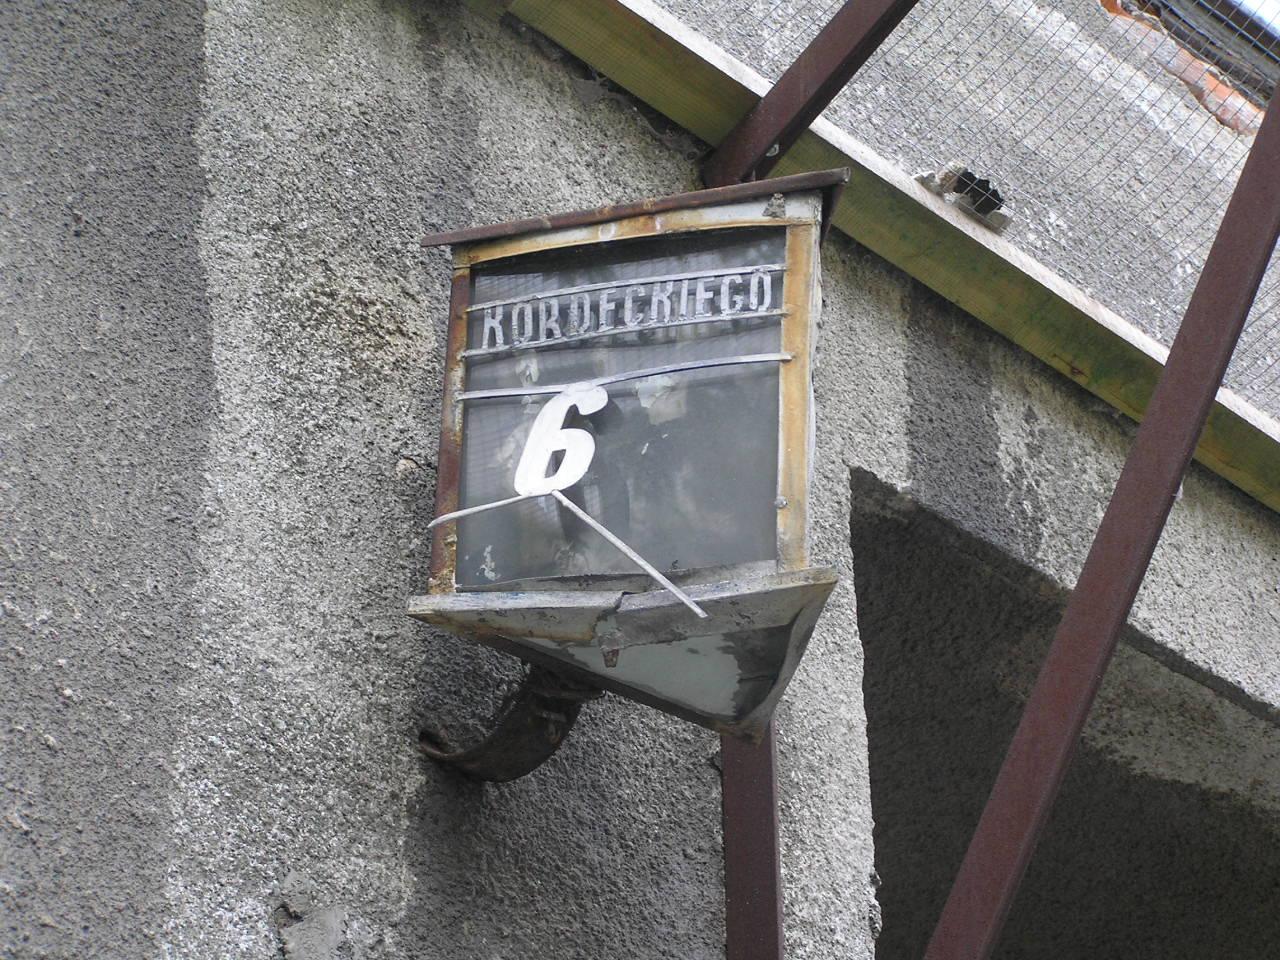 Latarenka adresowa na kamienicy przy ulicy Kordeckiego 67 na Grochowie